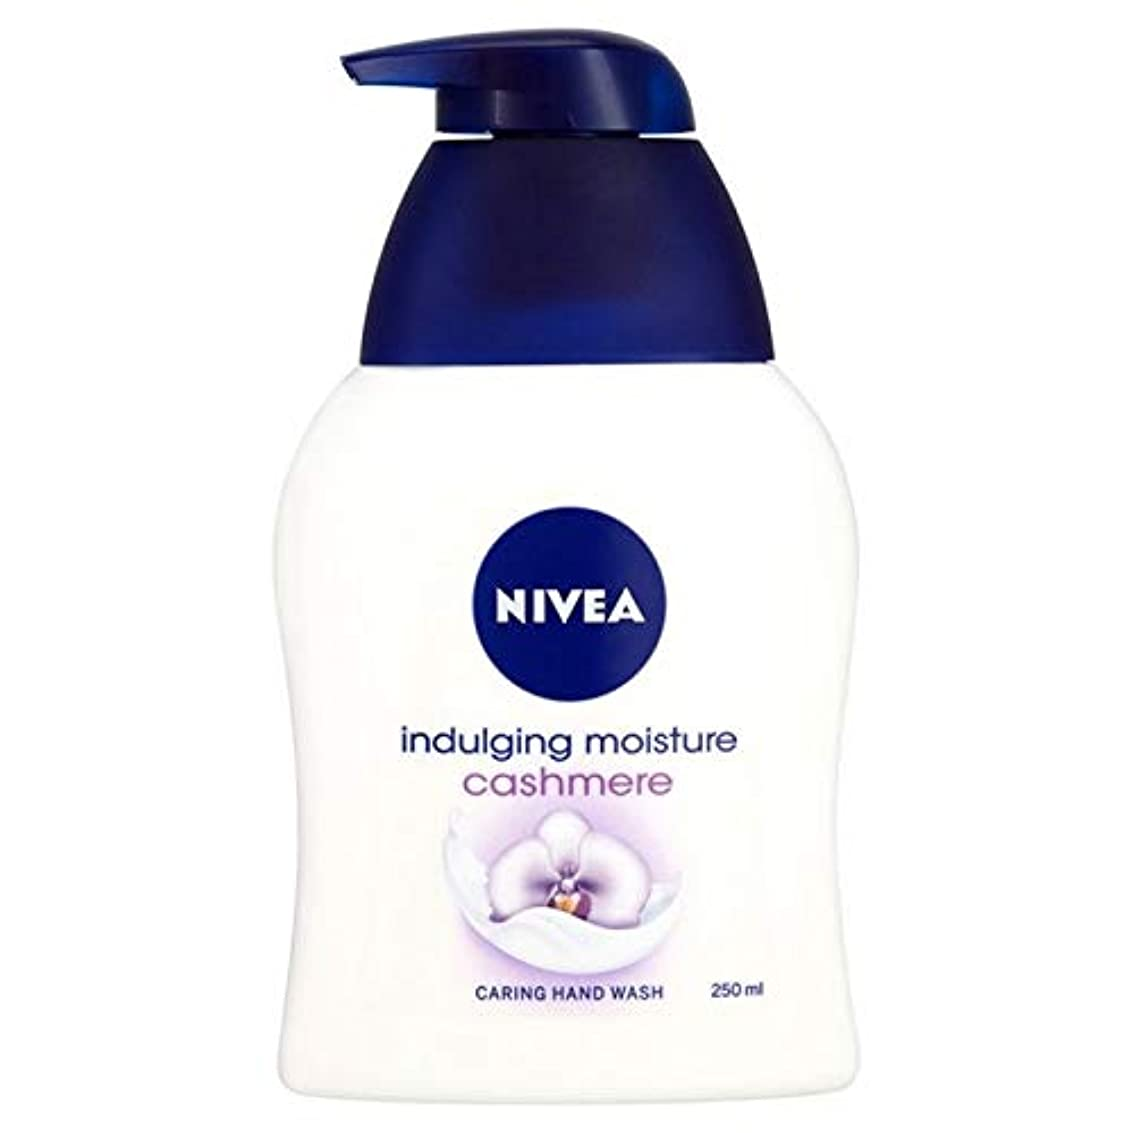 モックペダル反射[Nivea ] ニベアふける水分カシミヤ思いやり手洗いの250ミリリットル - Nivea Indulging Moisture Cashmere Caring Hand Wash 250ml [並行輸入品]